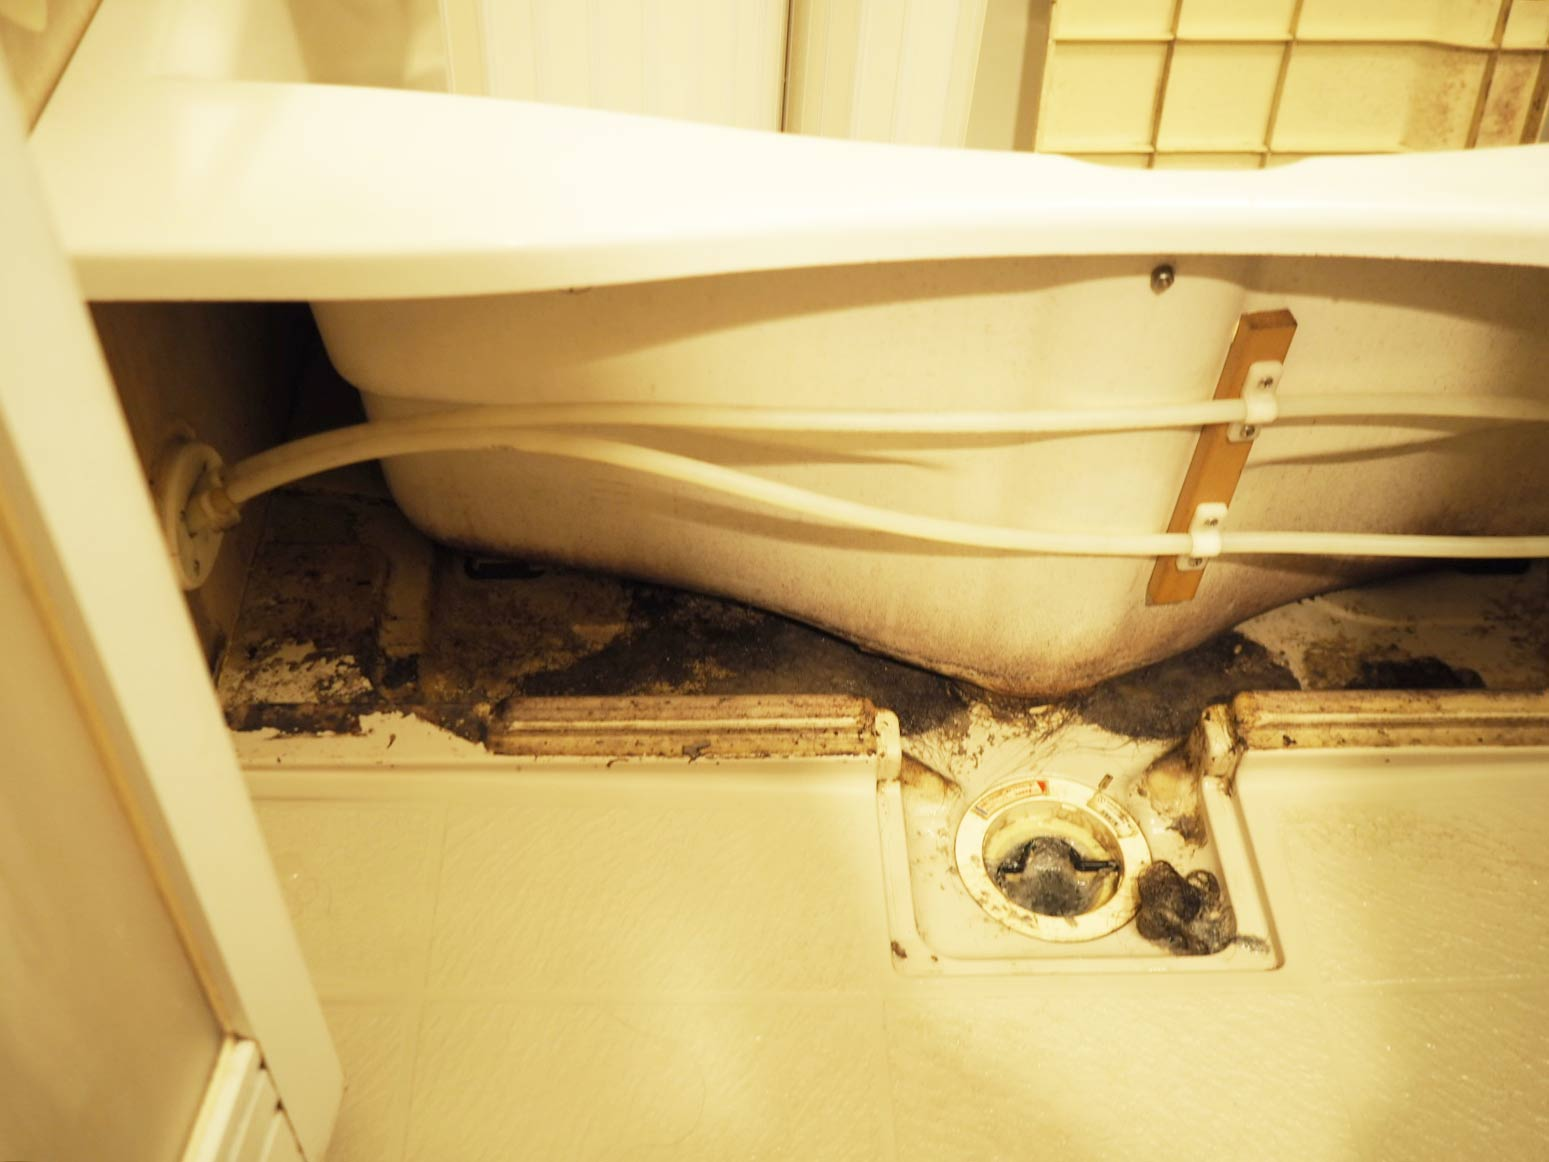 汚れた浴槽エプロン部分